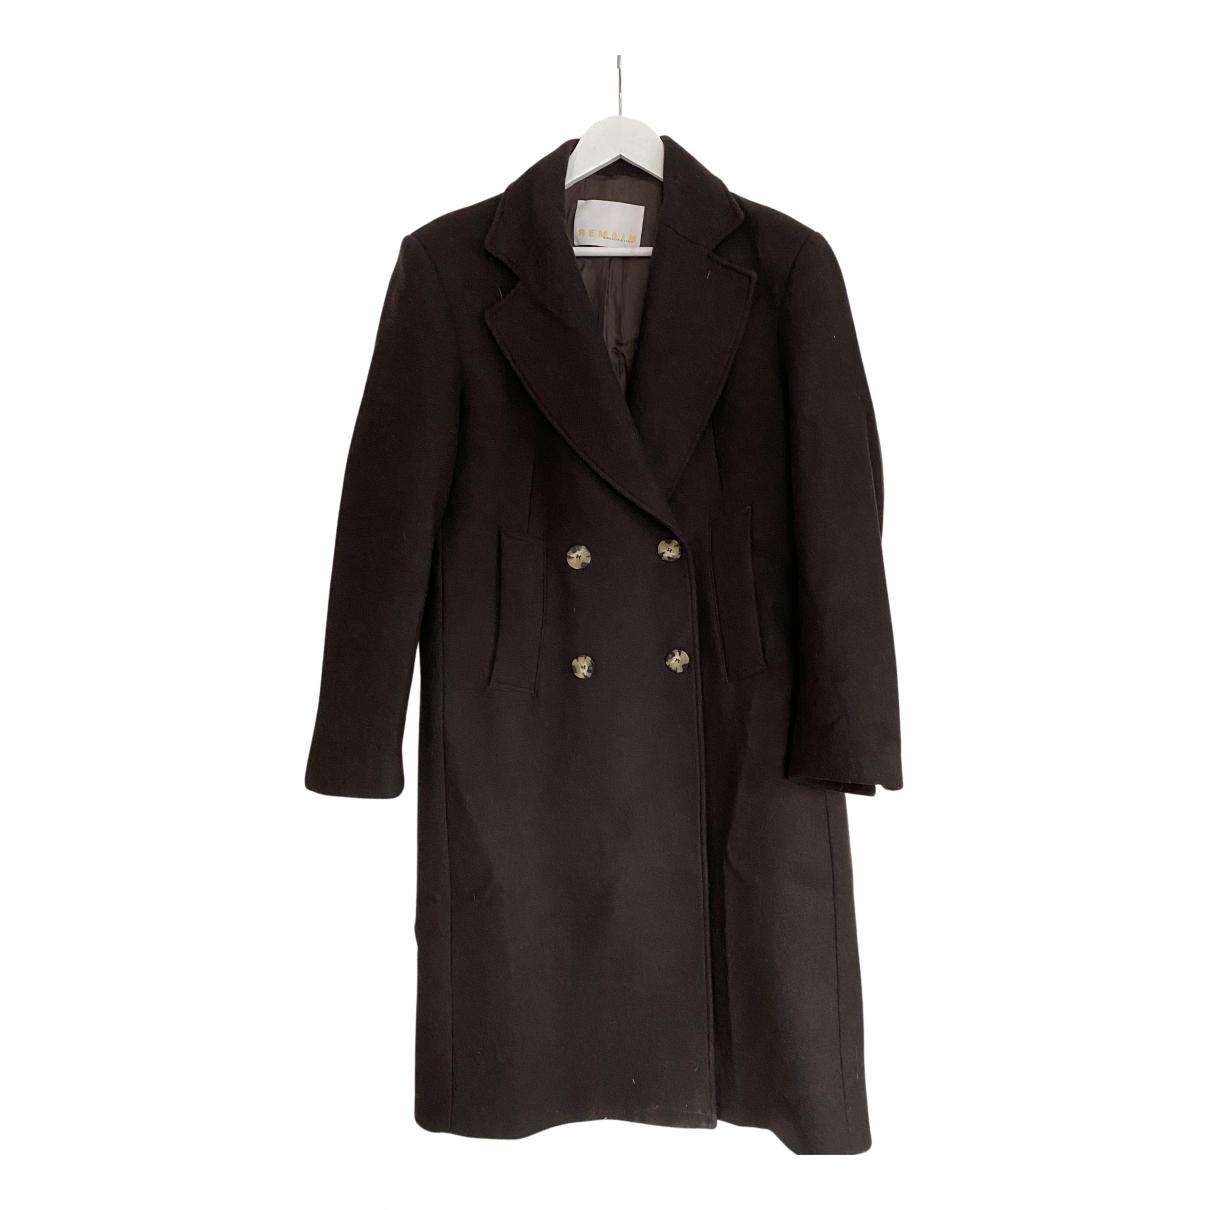 Birger Christensen - Manteau   pour femme en laine - marron